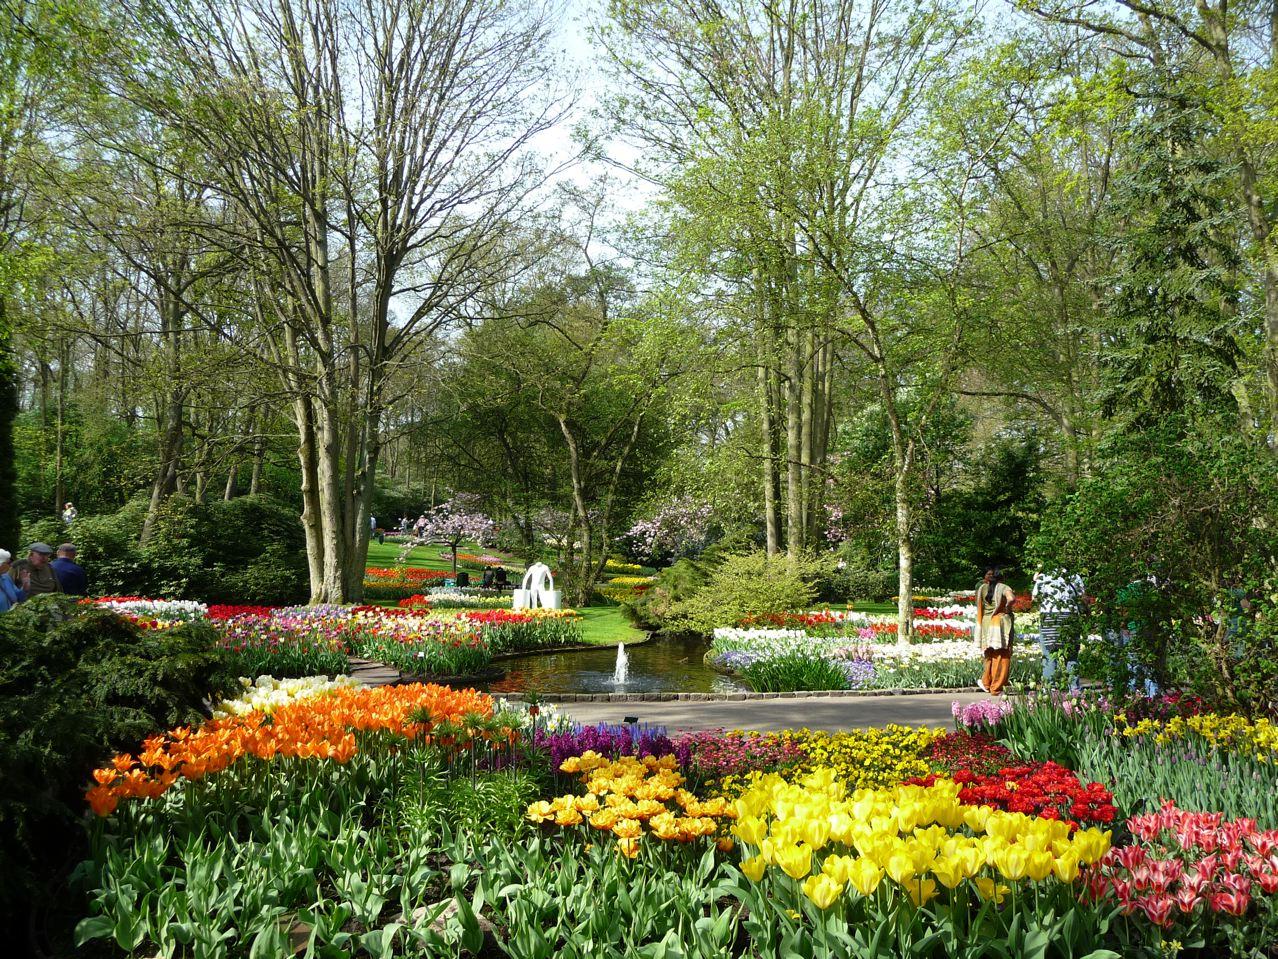 Les floraisons des bulbes de printemps sous le soleil à Keukenhof en Hollande